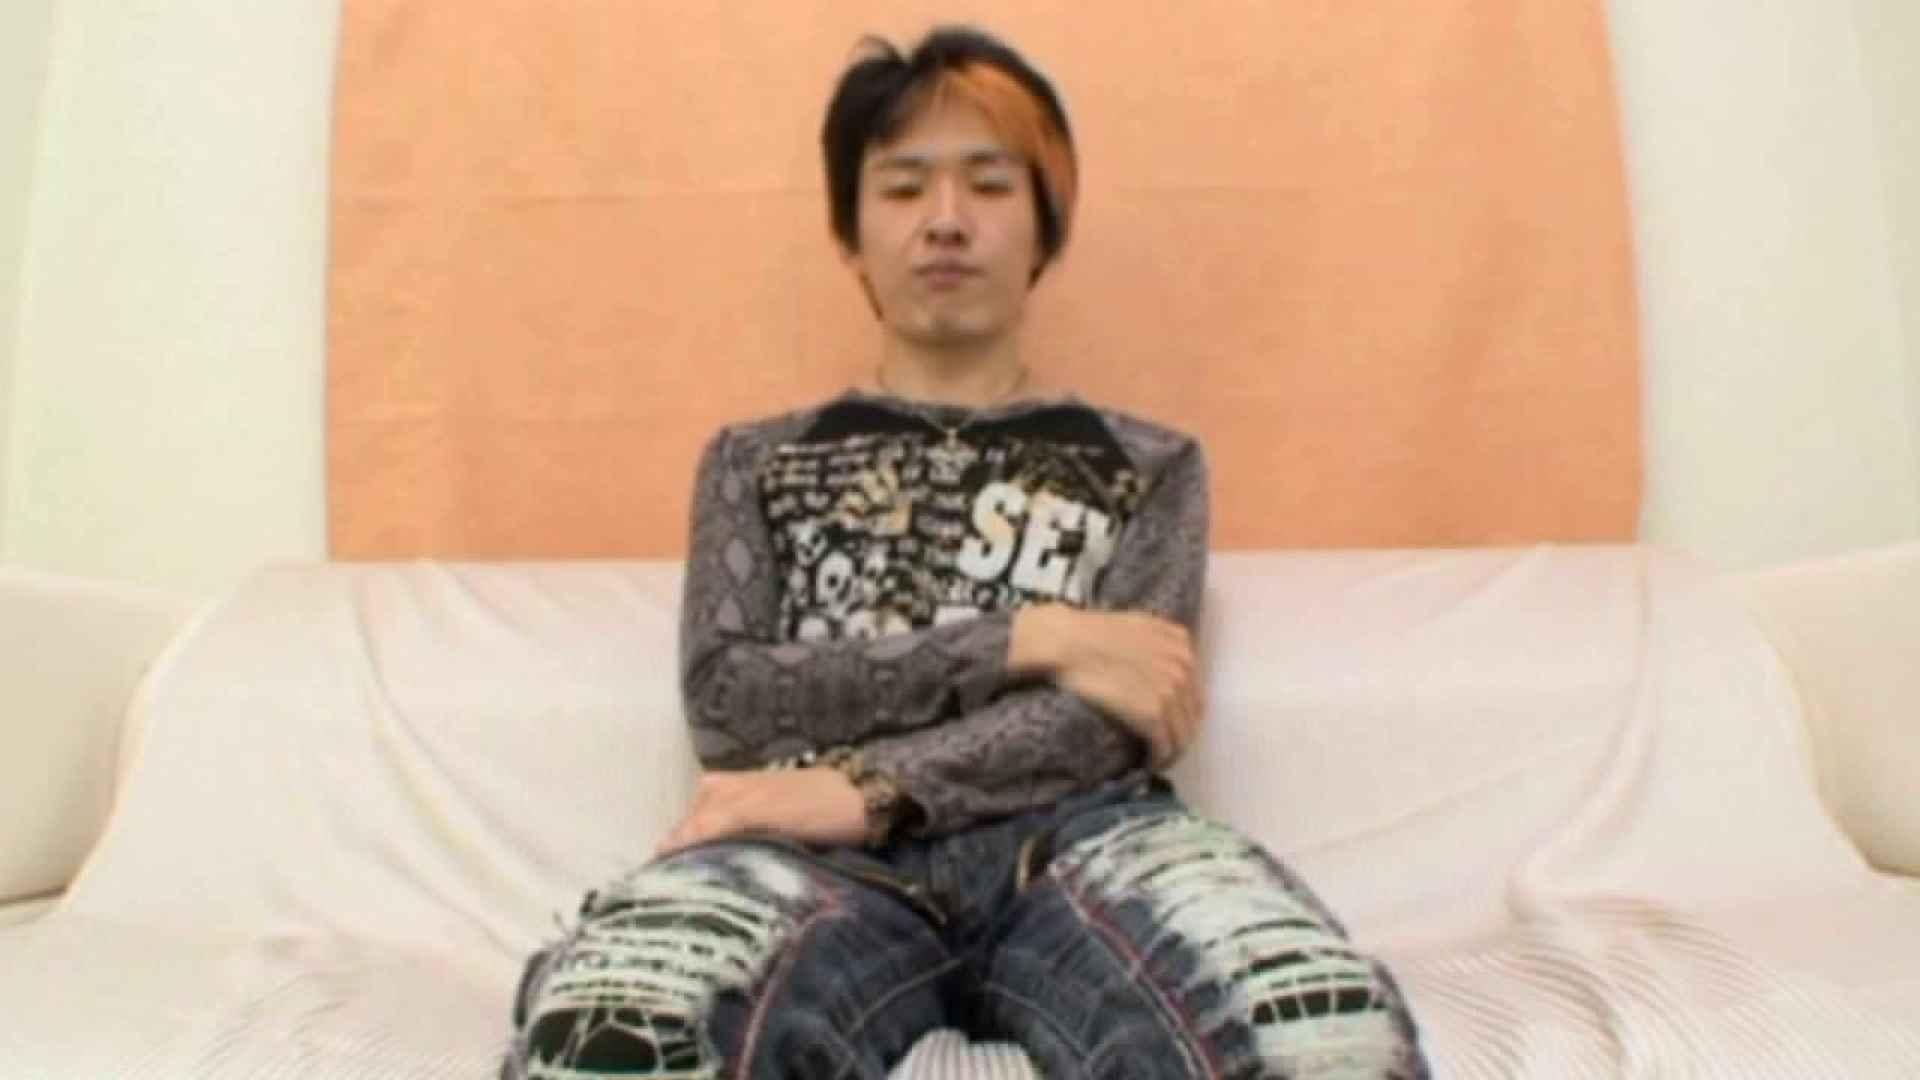 ノンケ!自慰スタジオ No.12 ノンケ一筋 ゲイ無料エロ画像 102pic 73